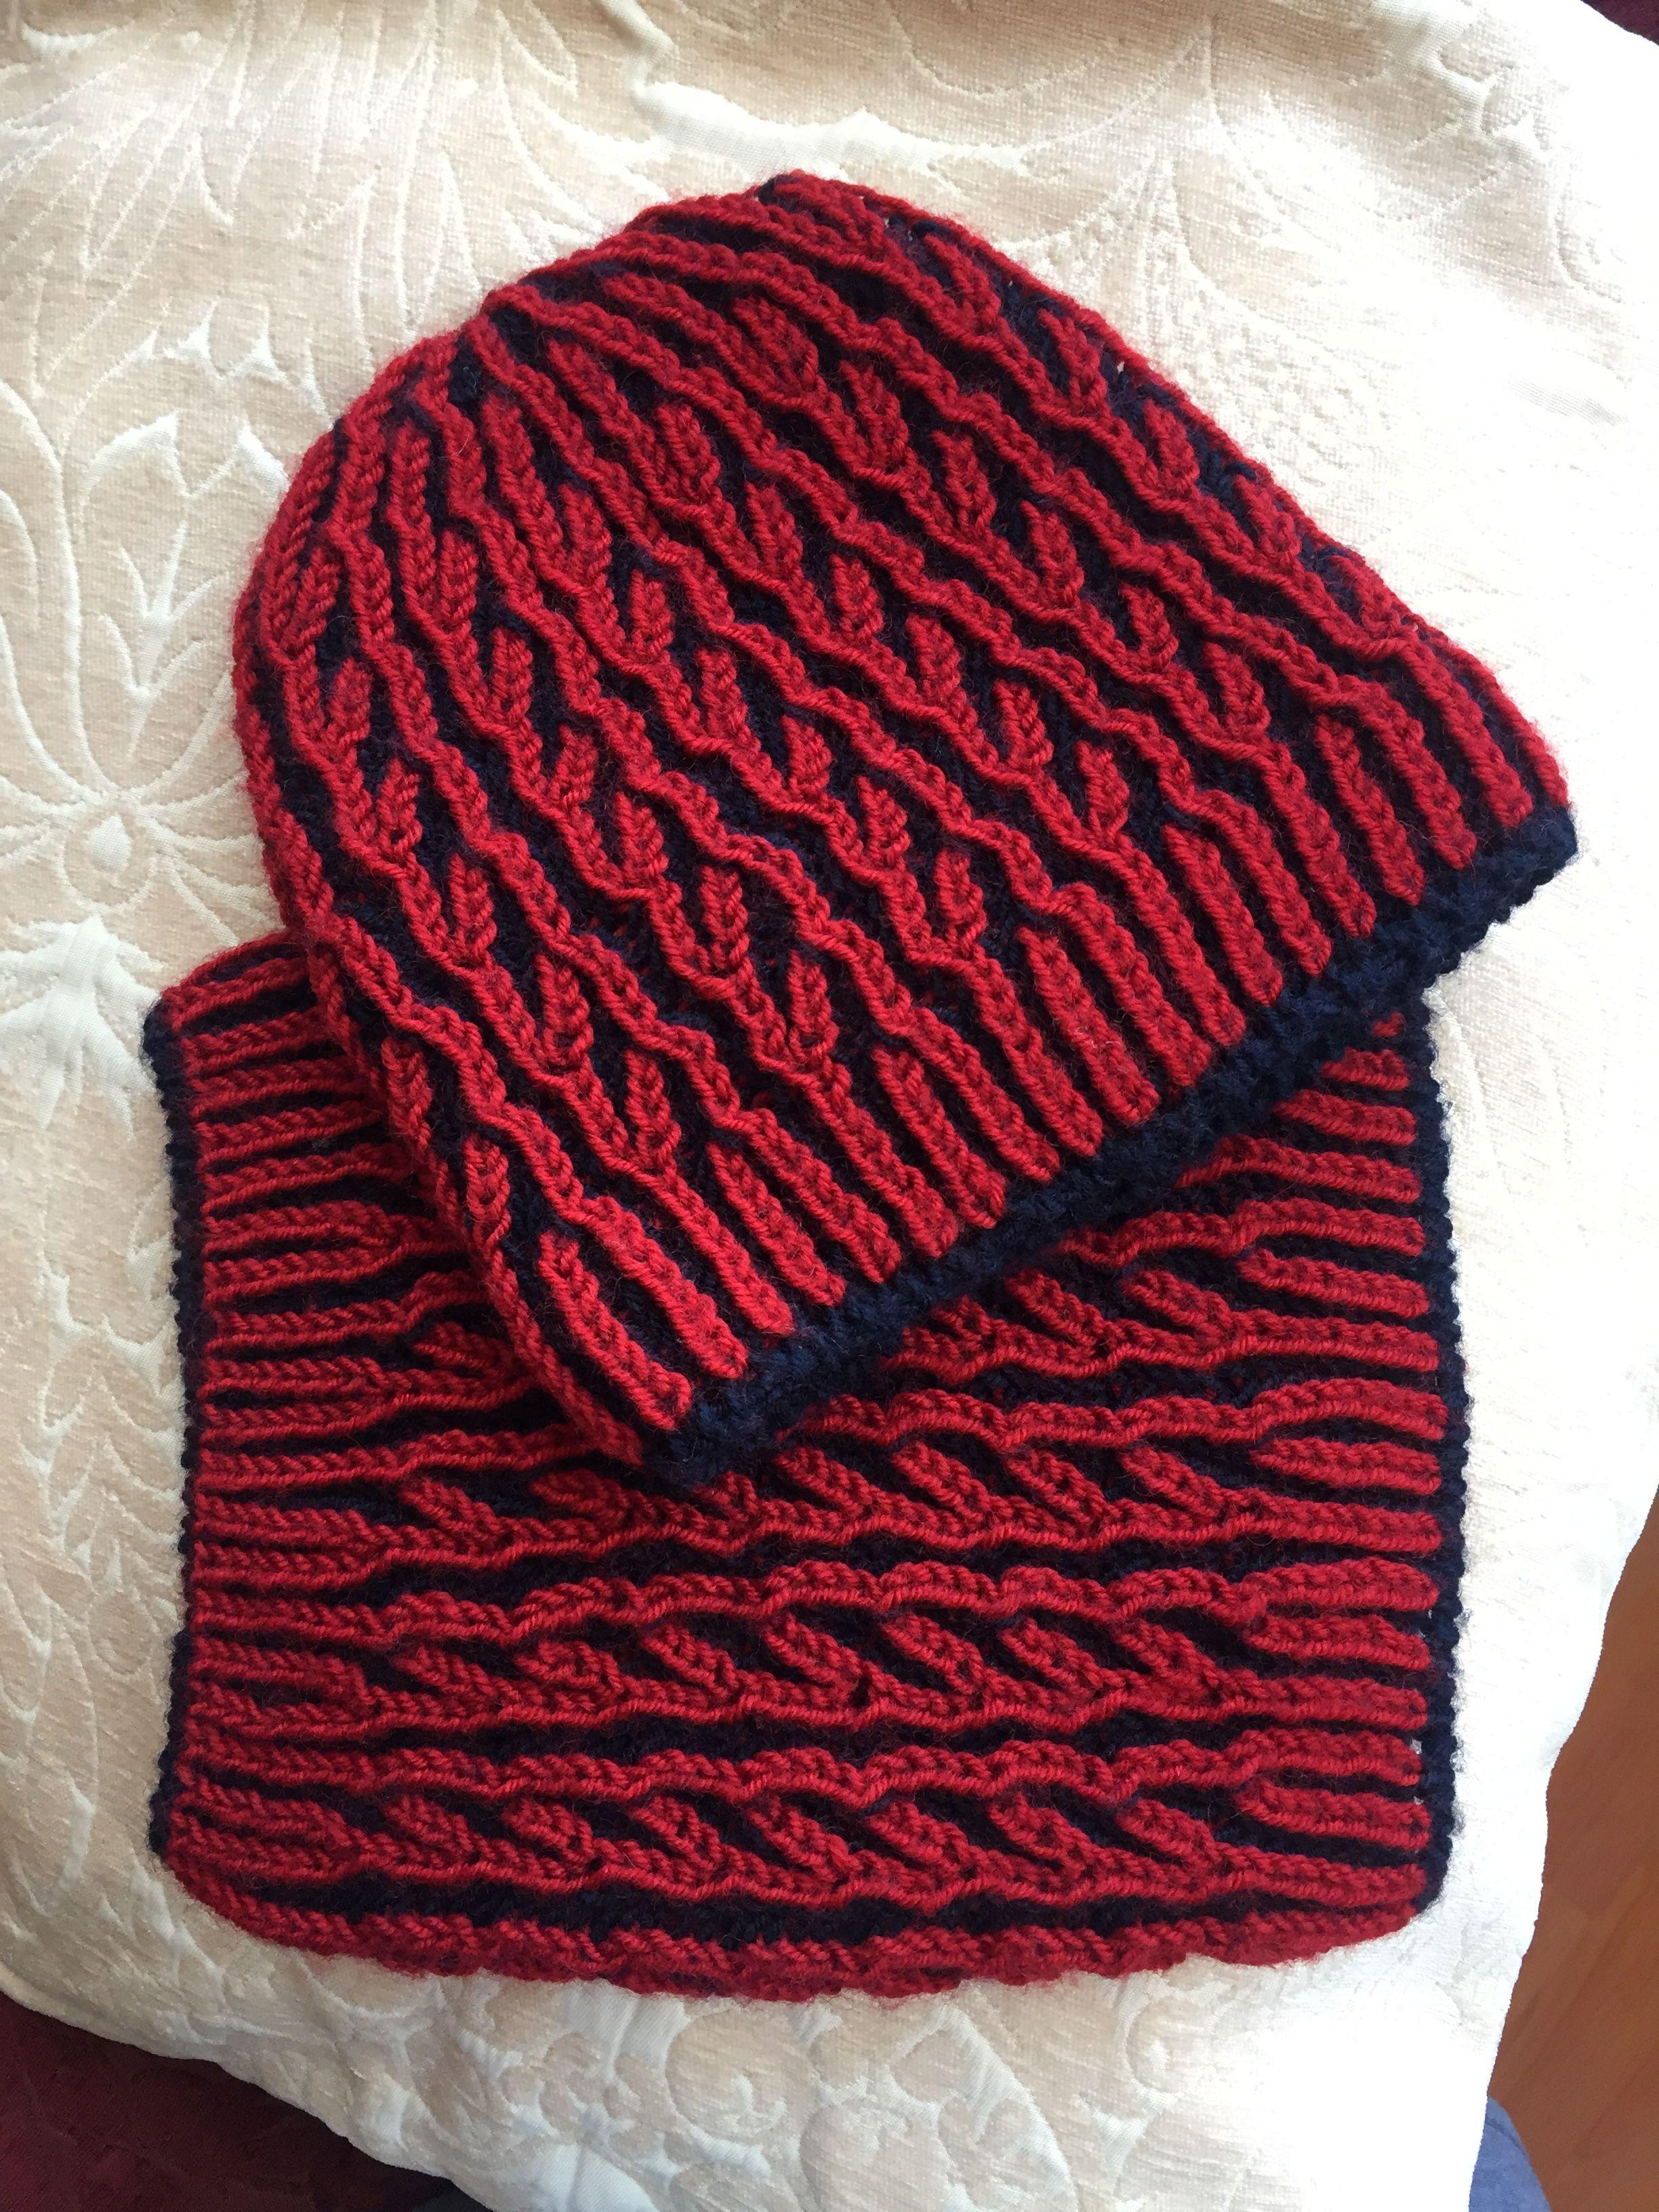 Red&Navy Blue Brioche Knitting | sal modelleri | Pinterest | Brioche ...